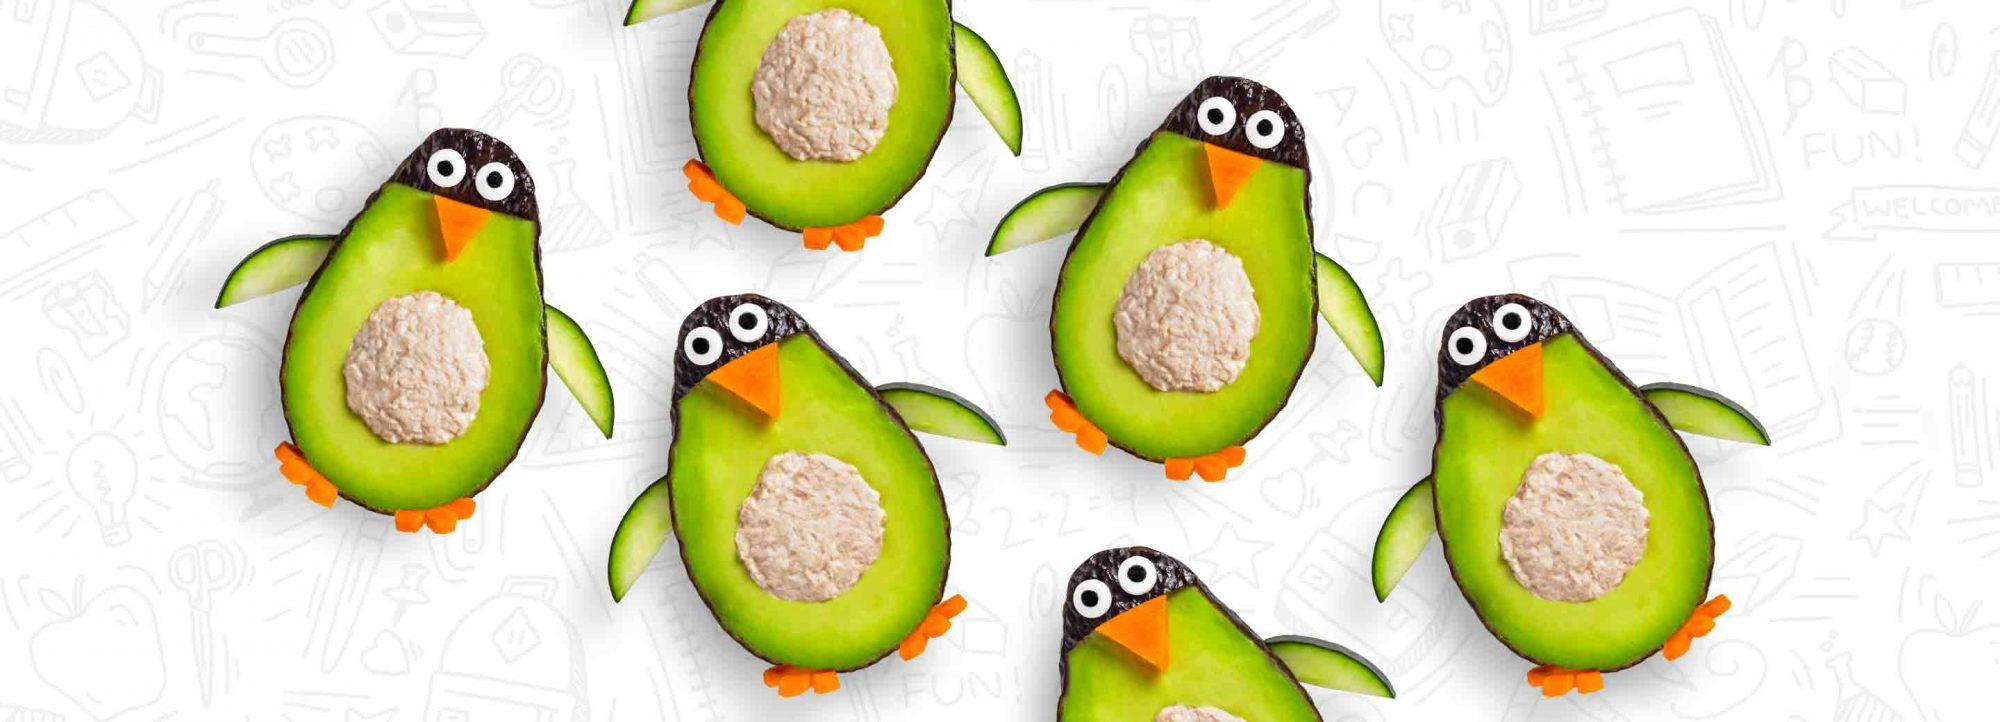 Avocado Penguins